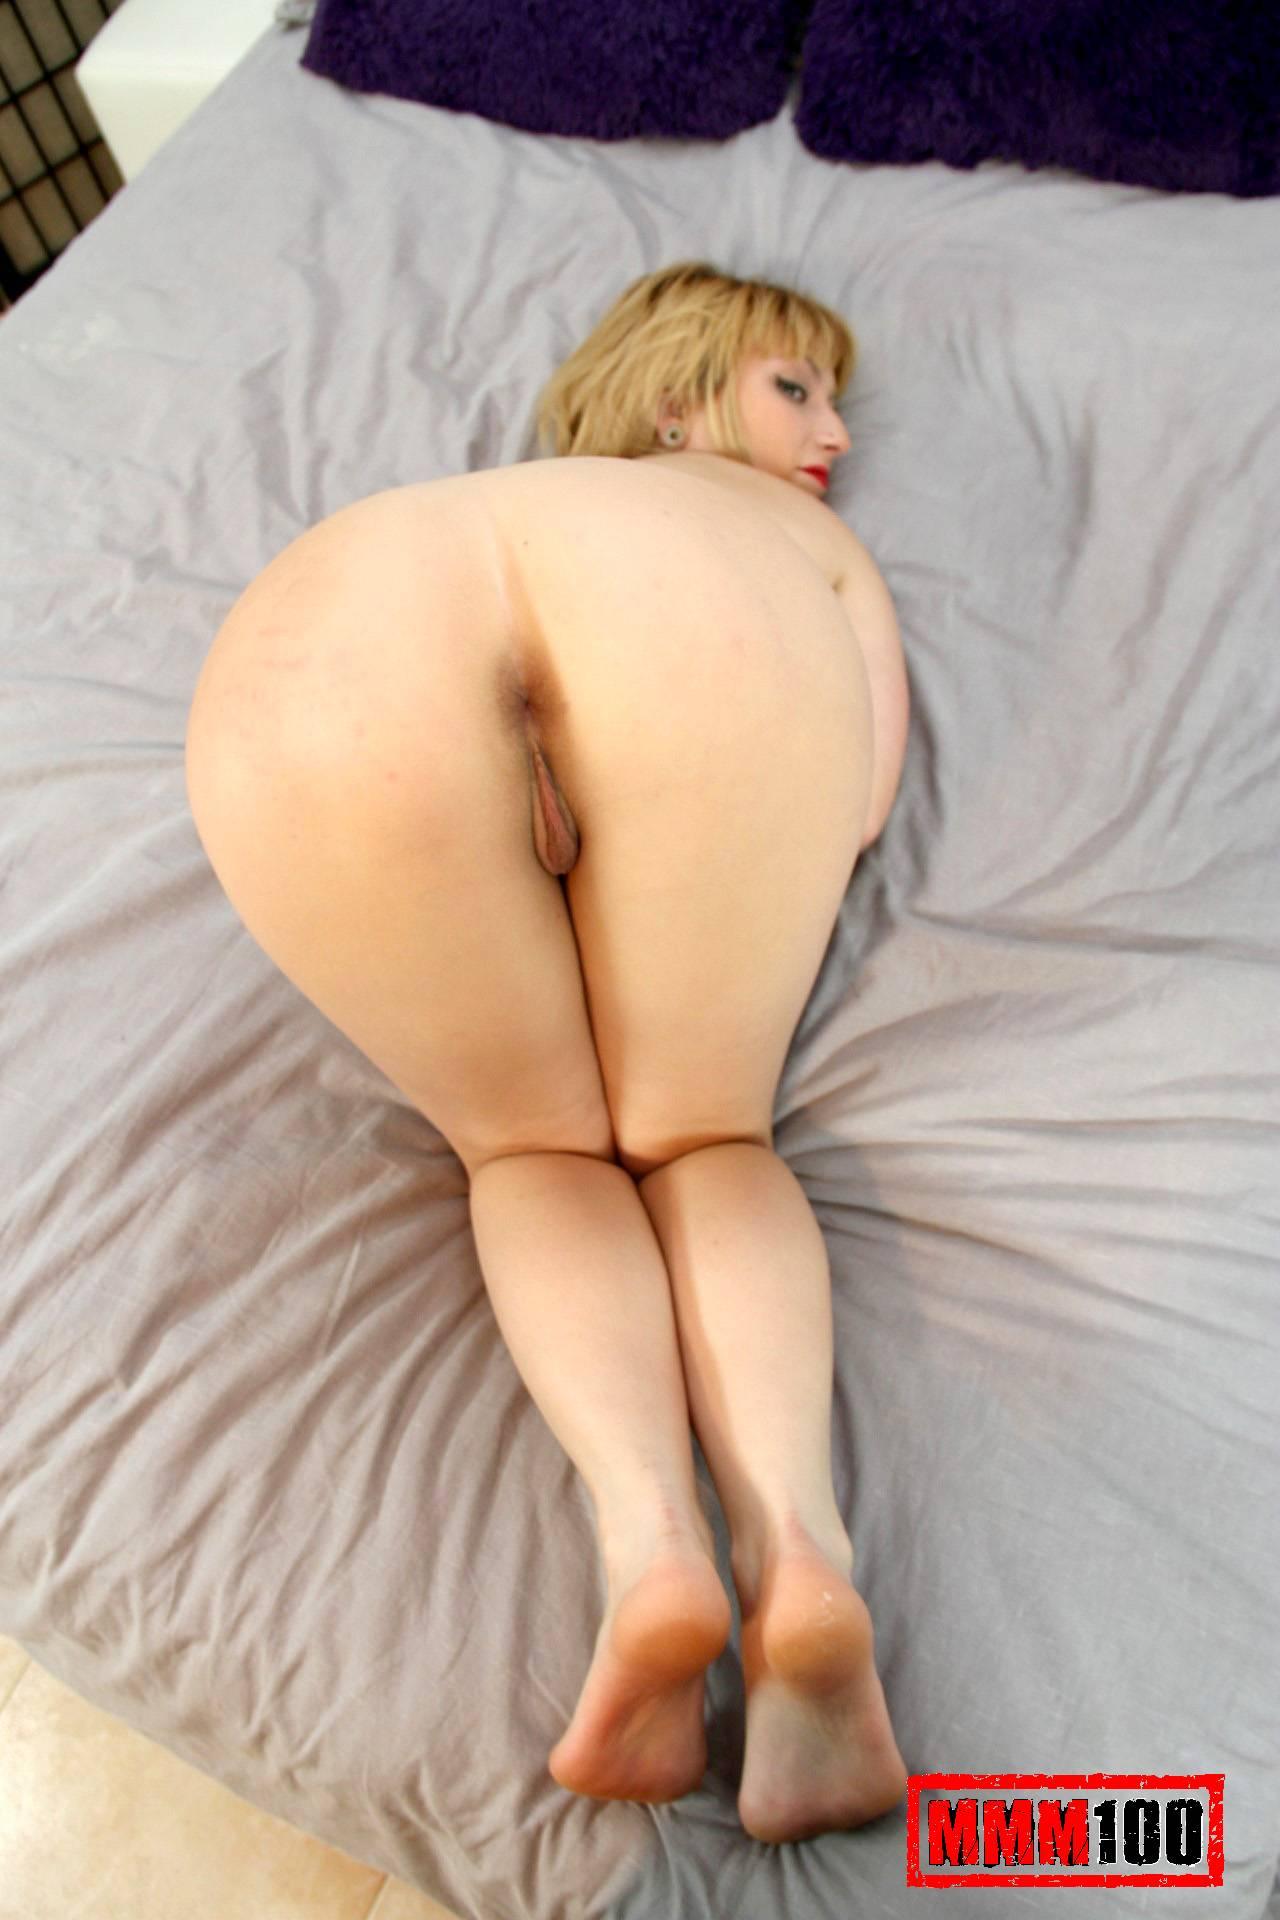 statement nylon sex pics with